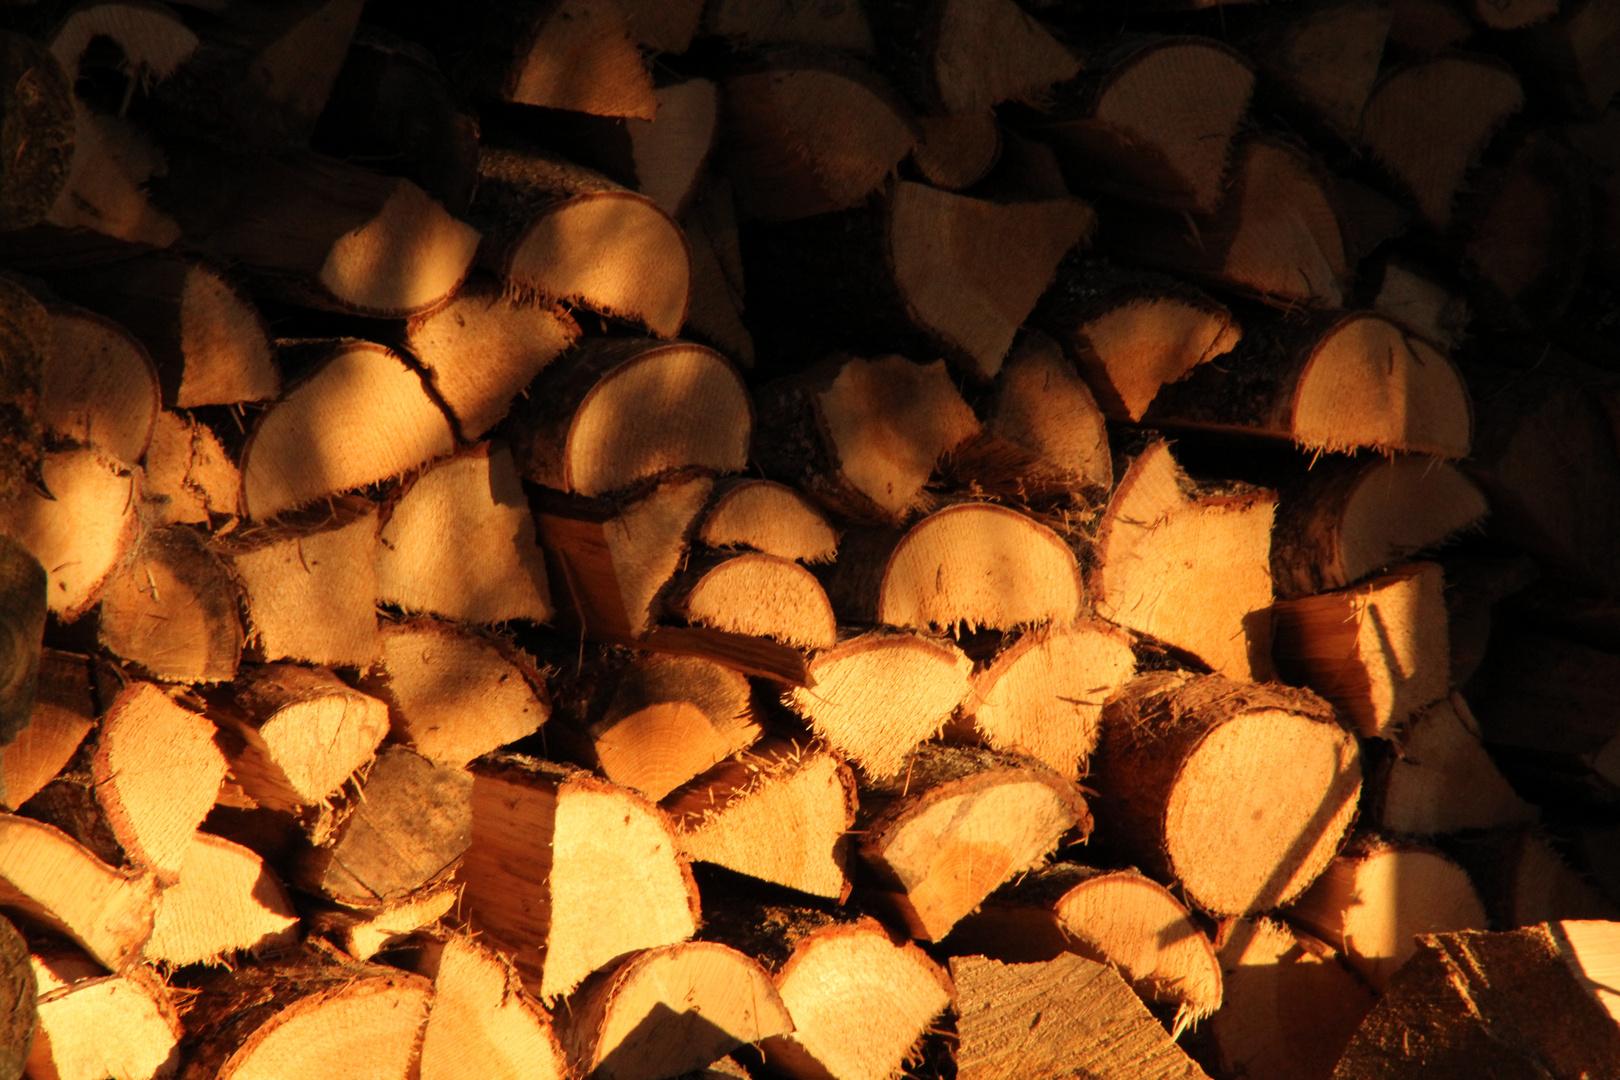 Holzstapel in der Abendsonne